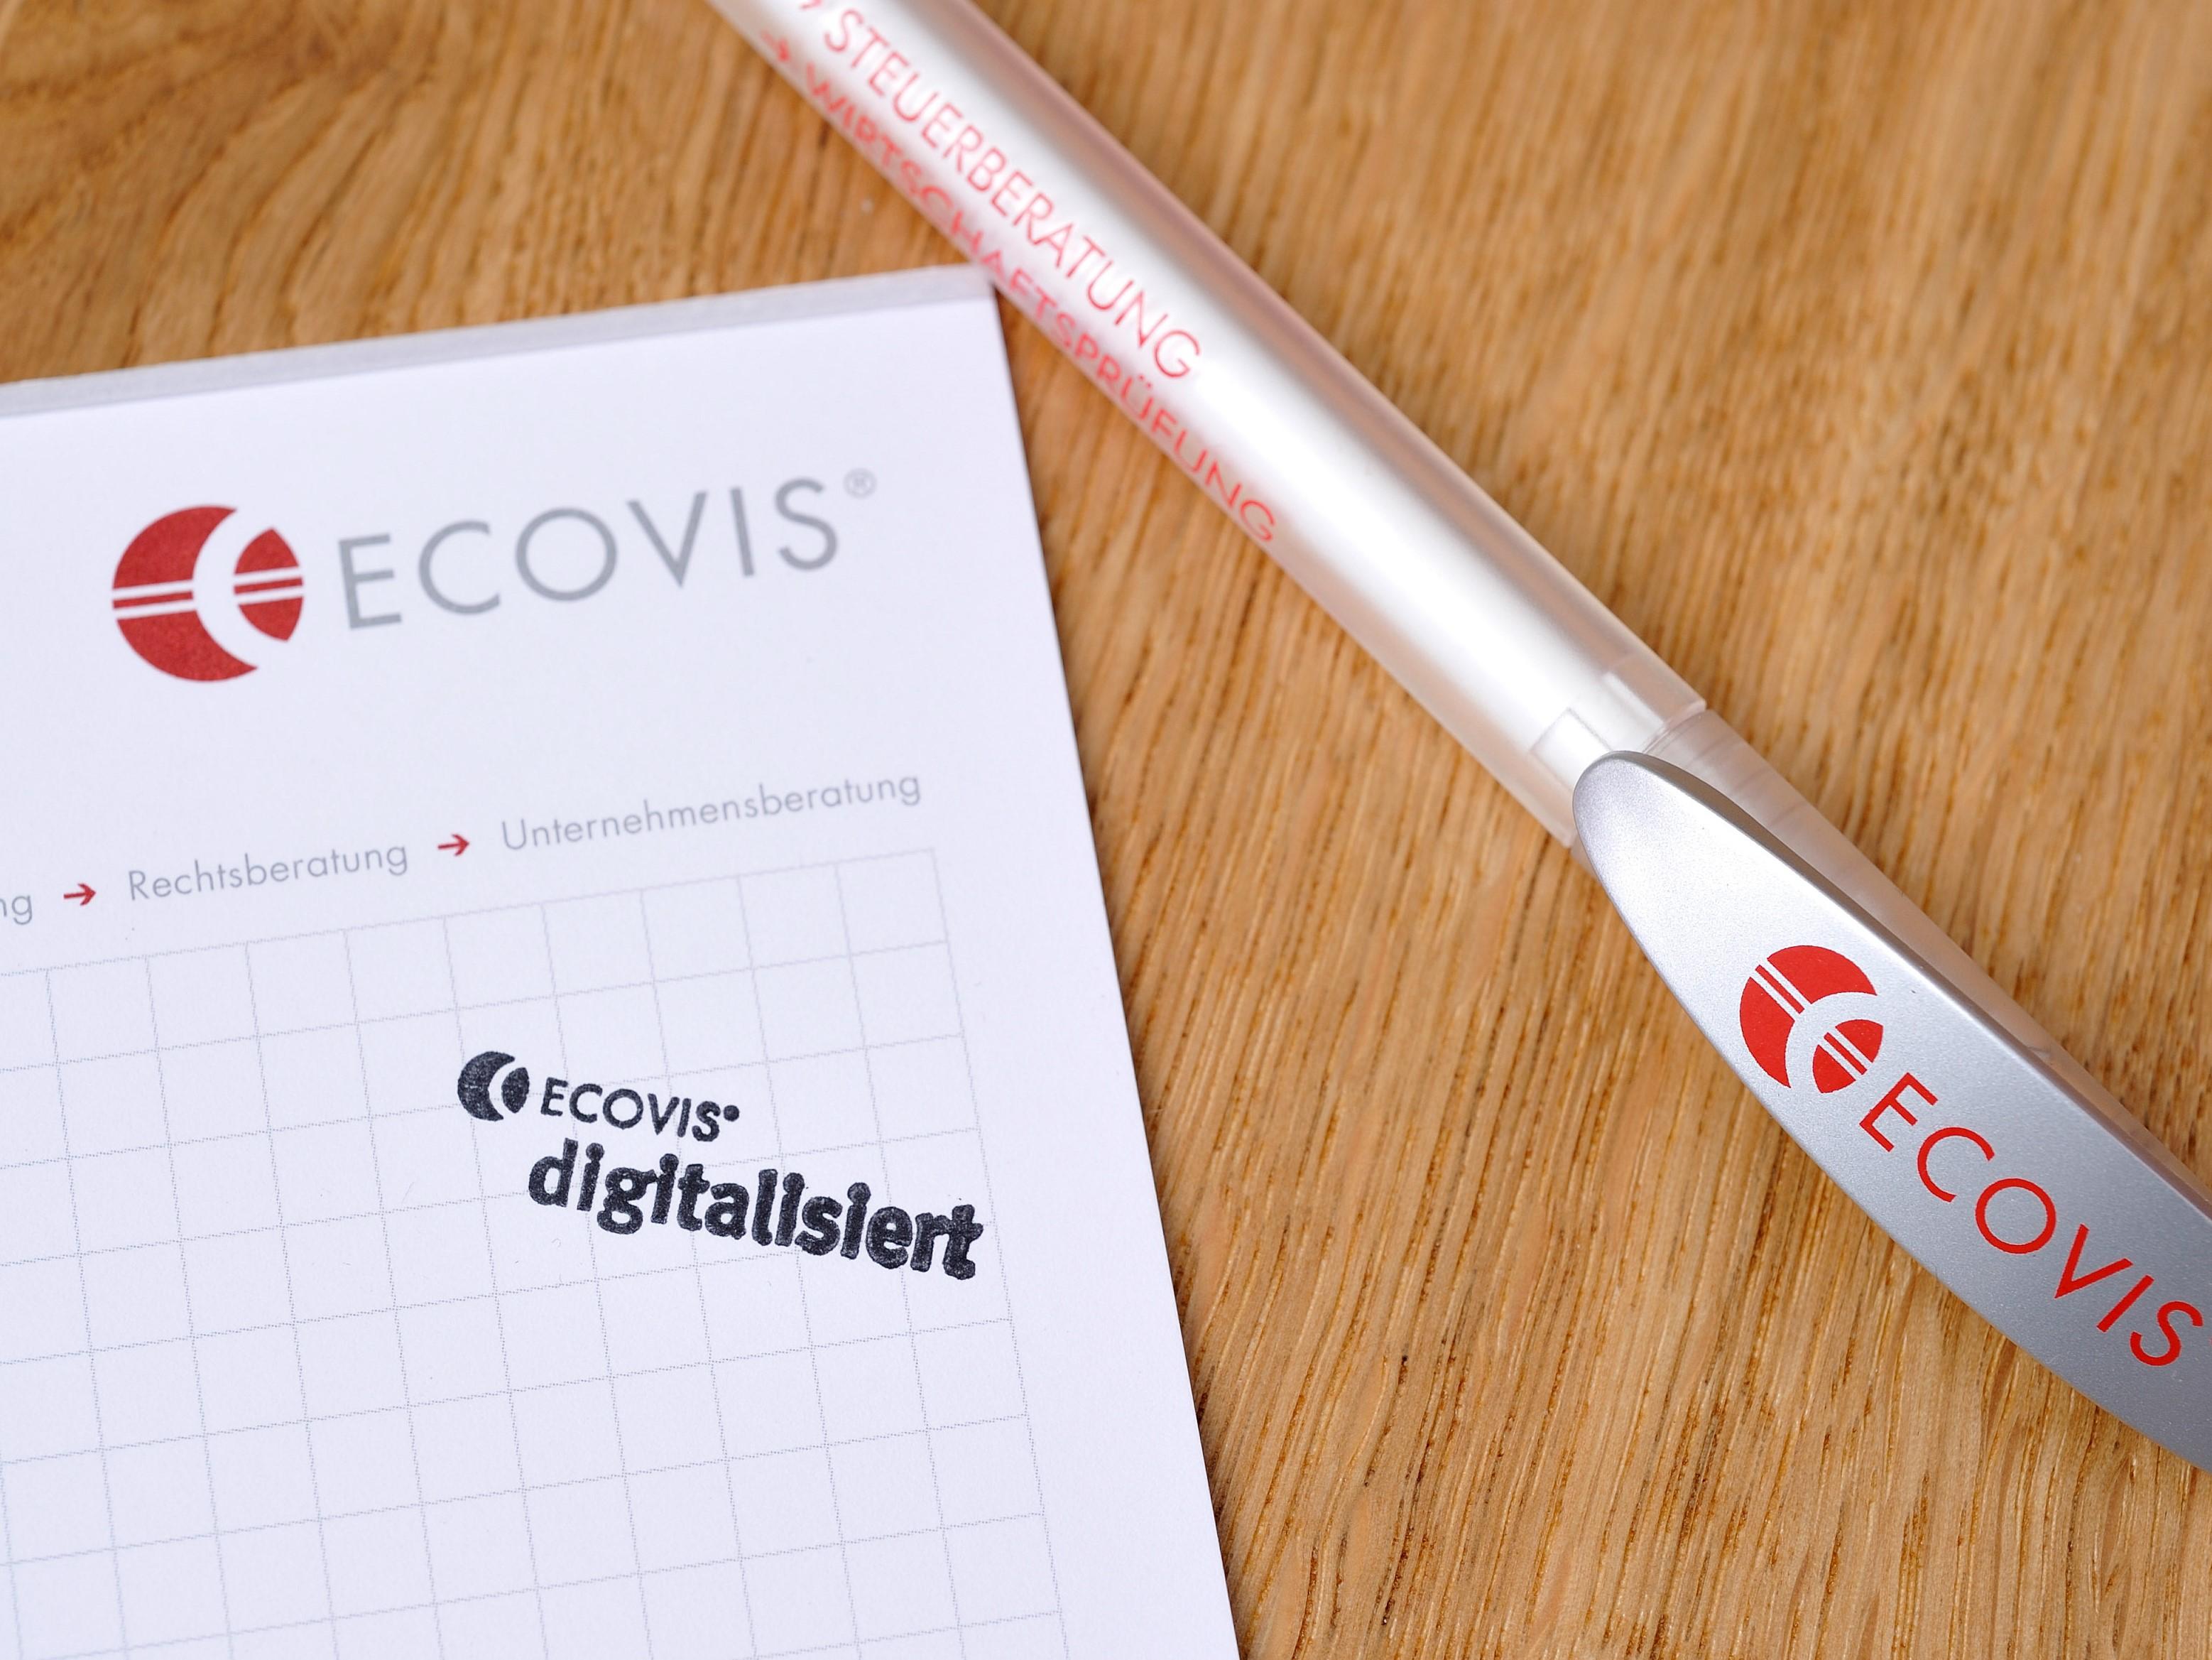 ECOVIS ježek big data a analýza dat Průmysl 4.0